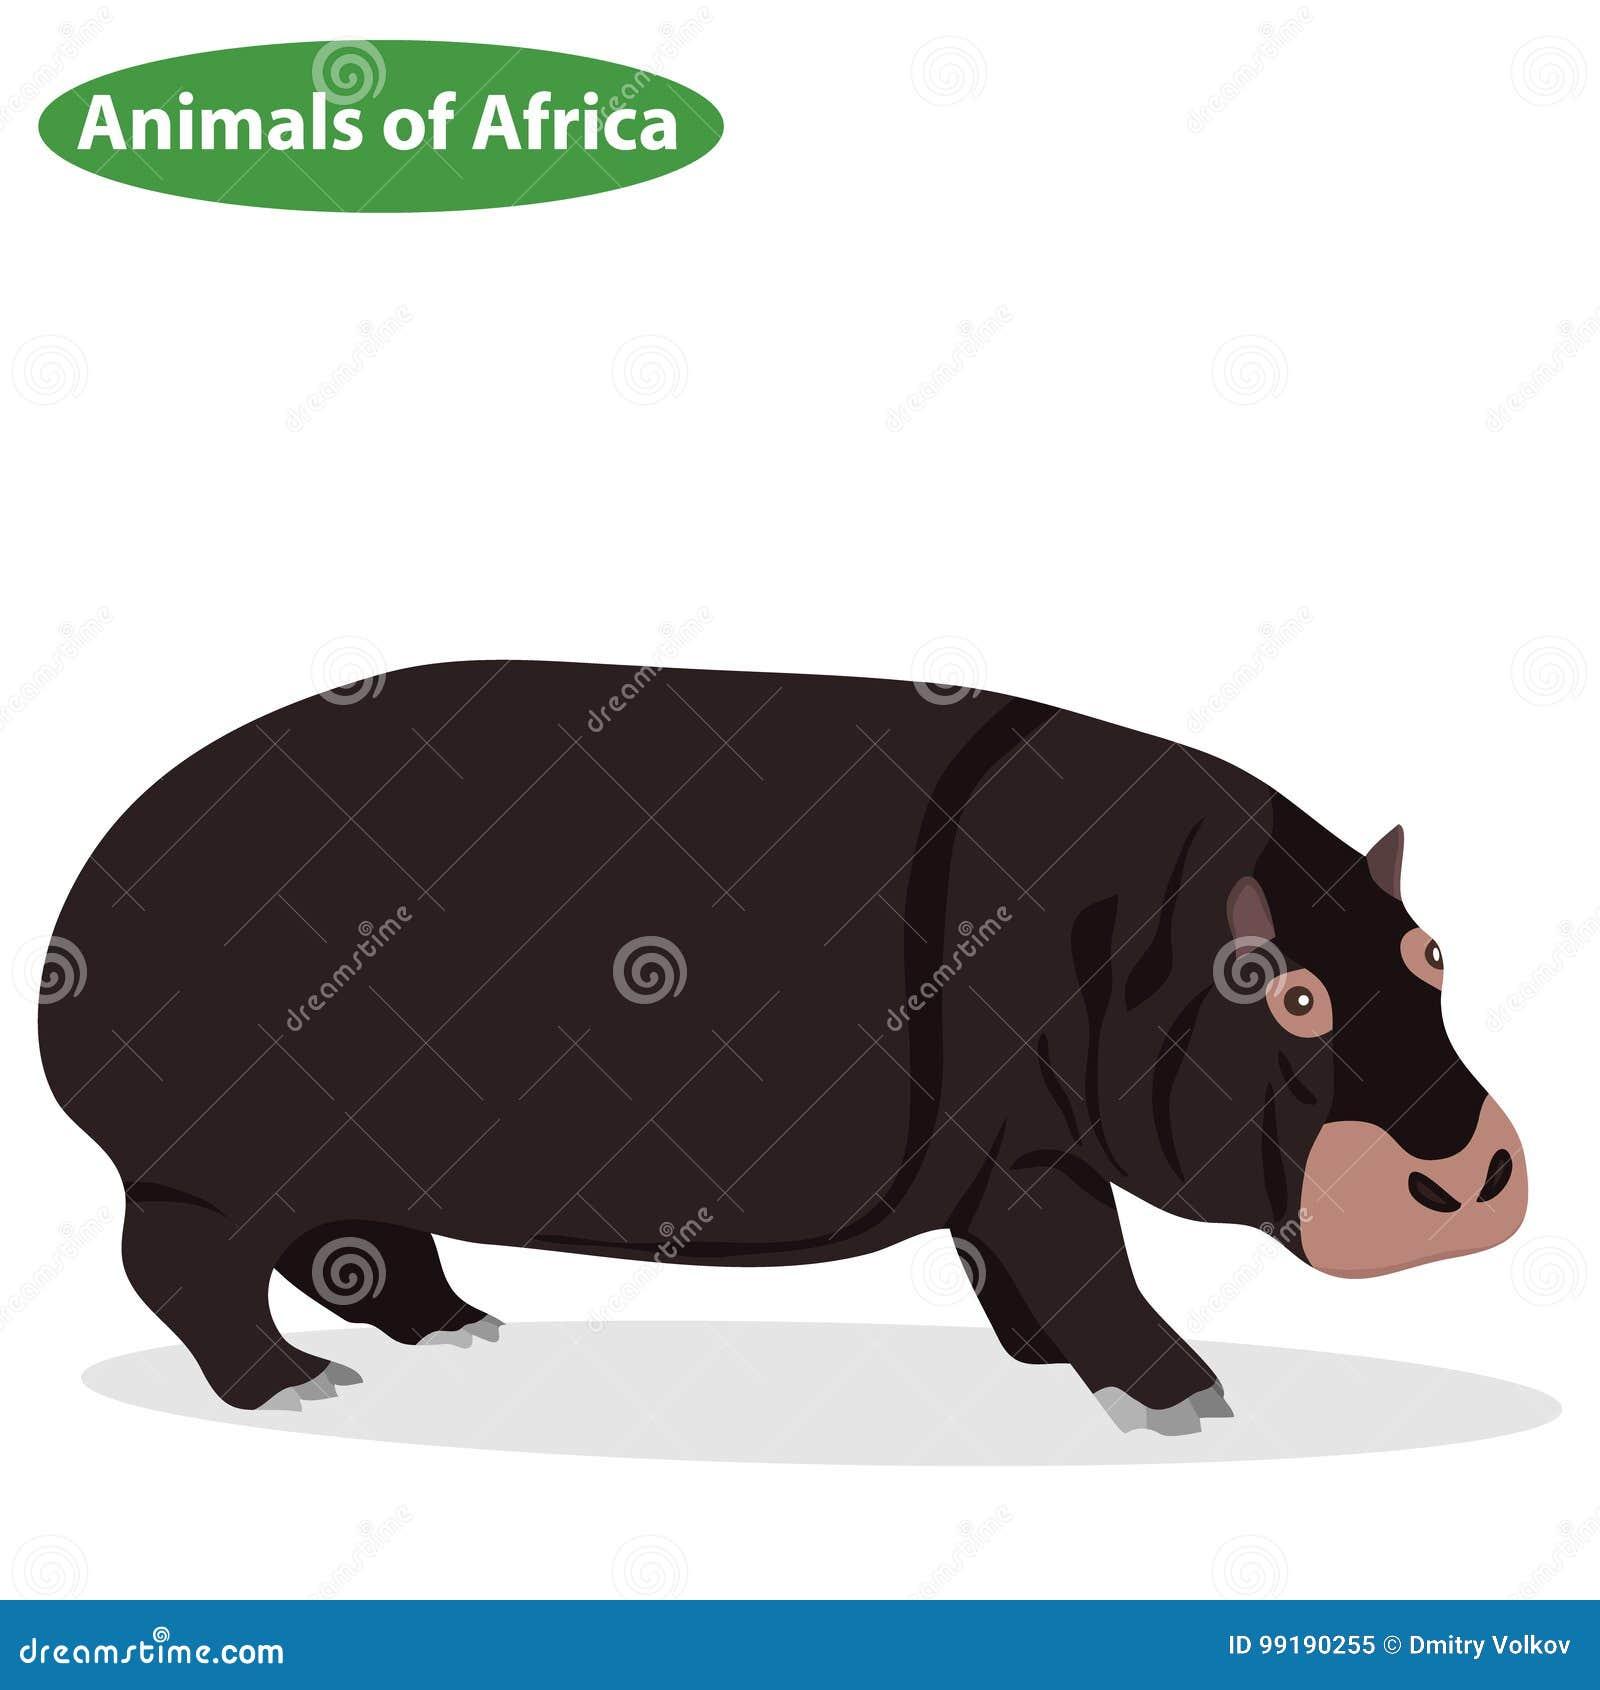 Nilpferd, eine Nilpferdikone, afrikanische Tiere